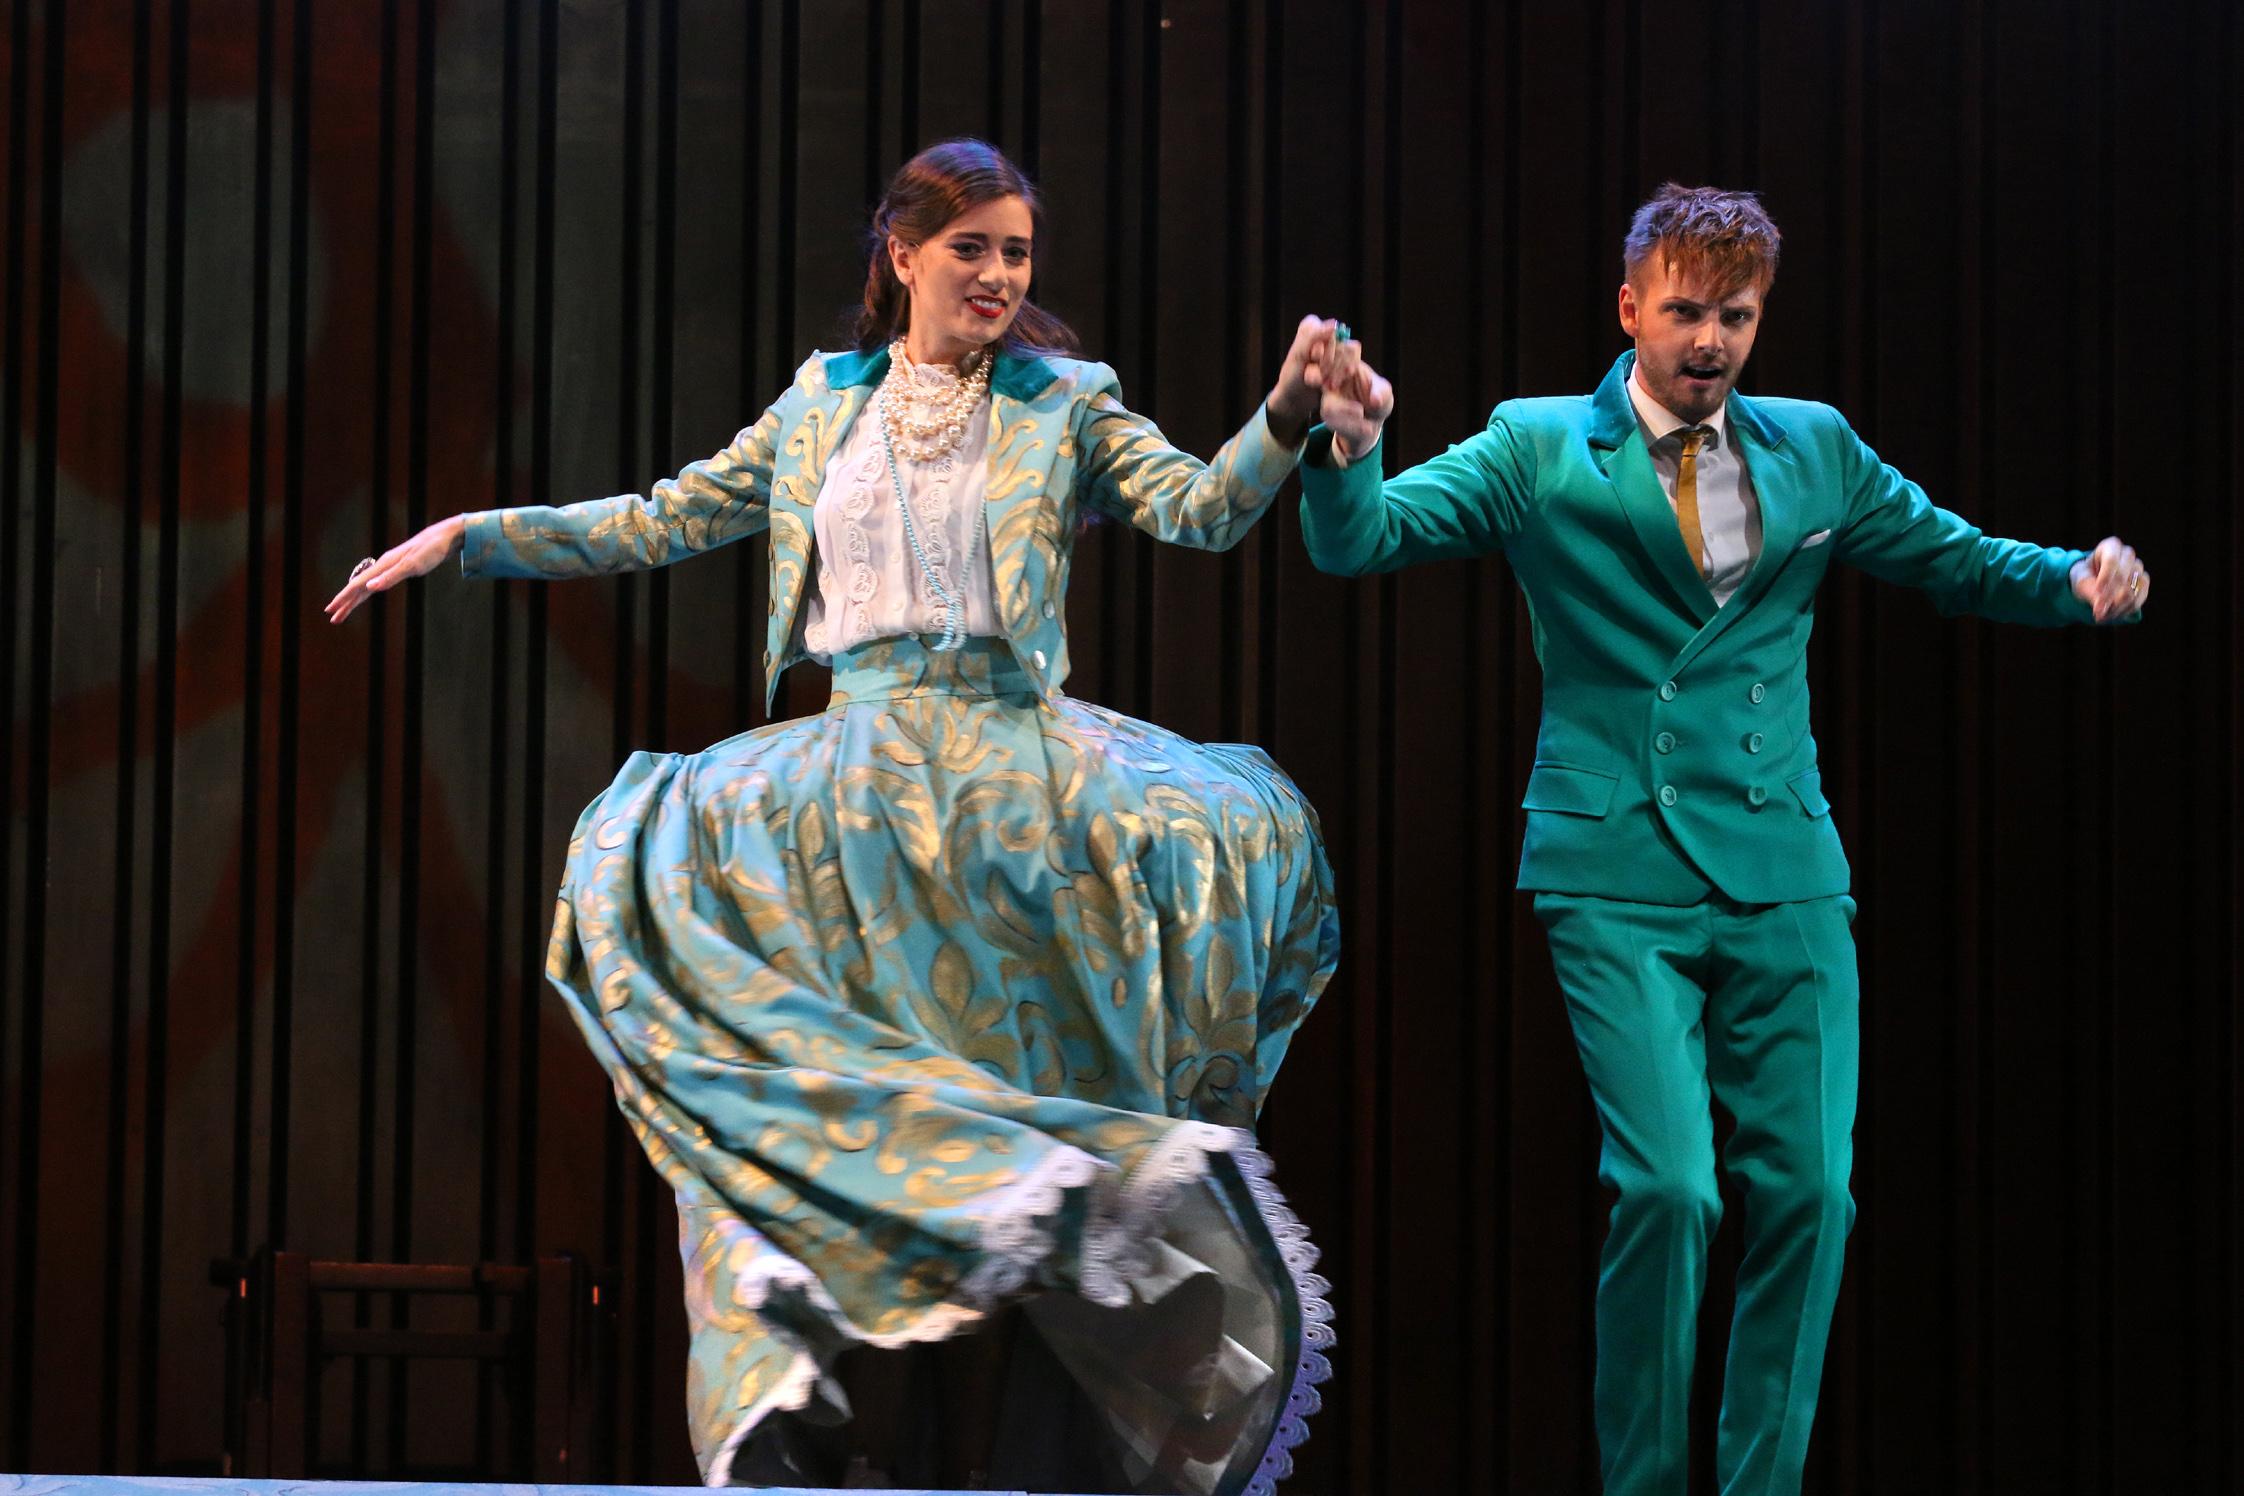 Foto: Theater Pforzheim